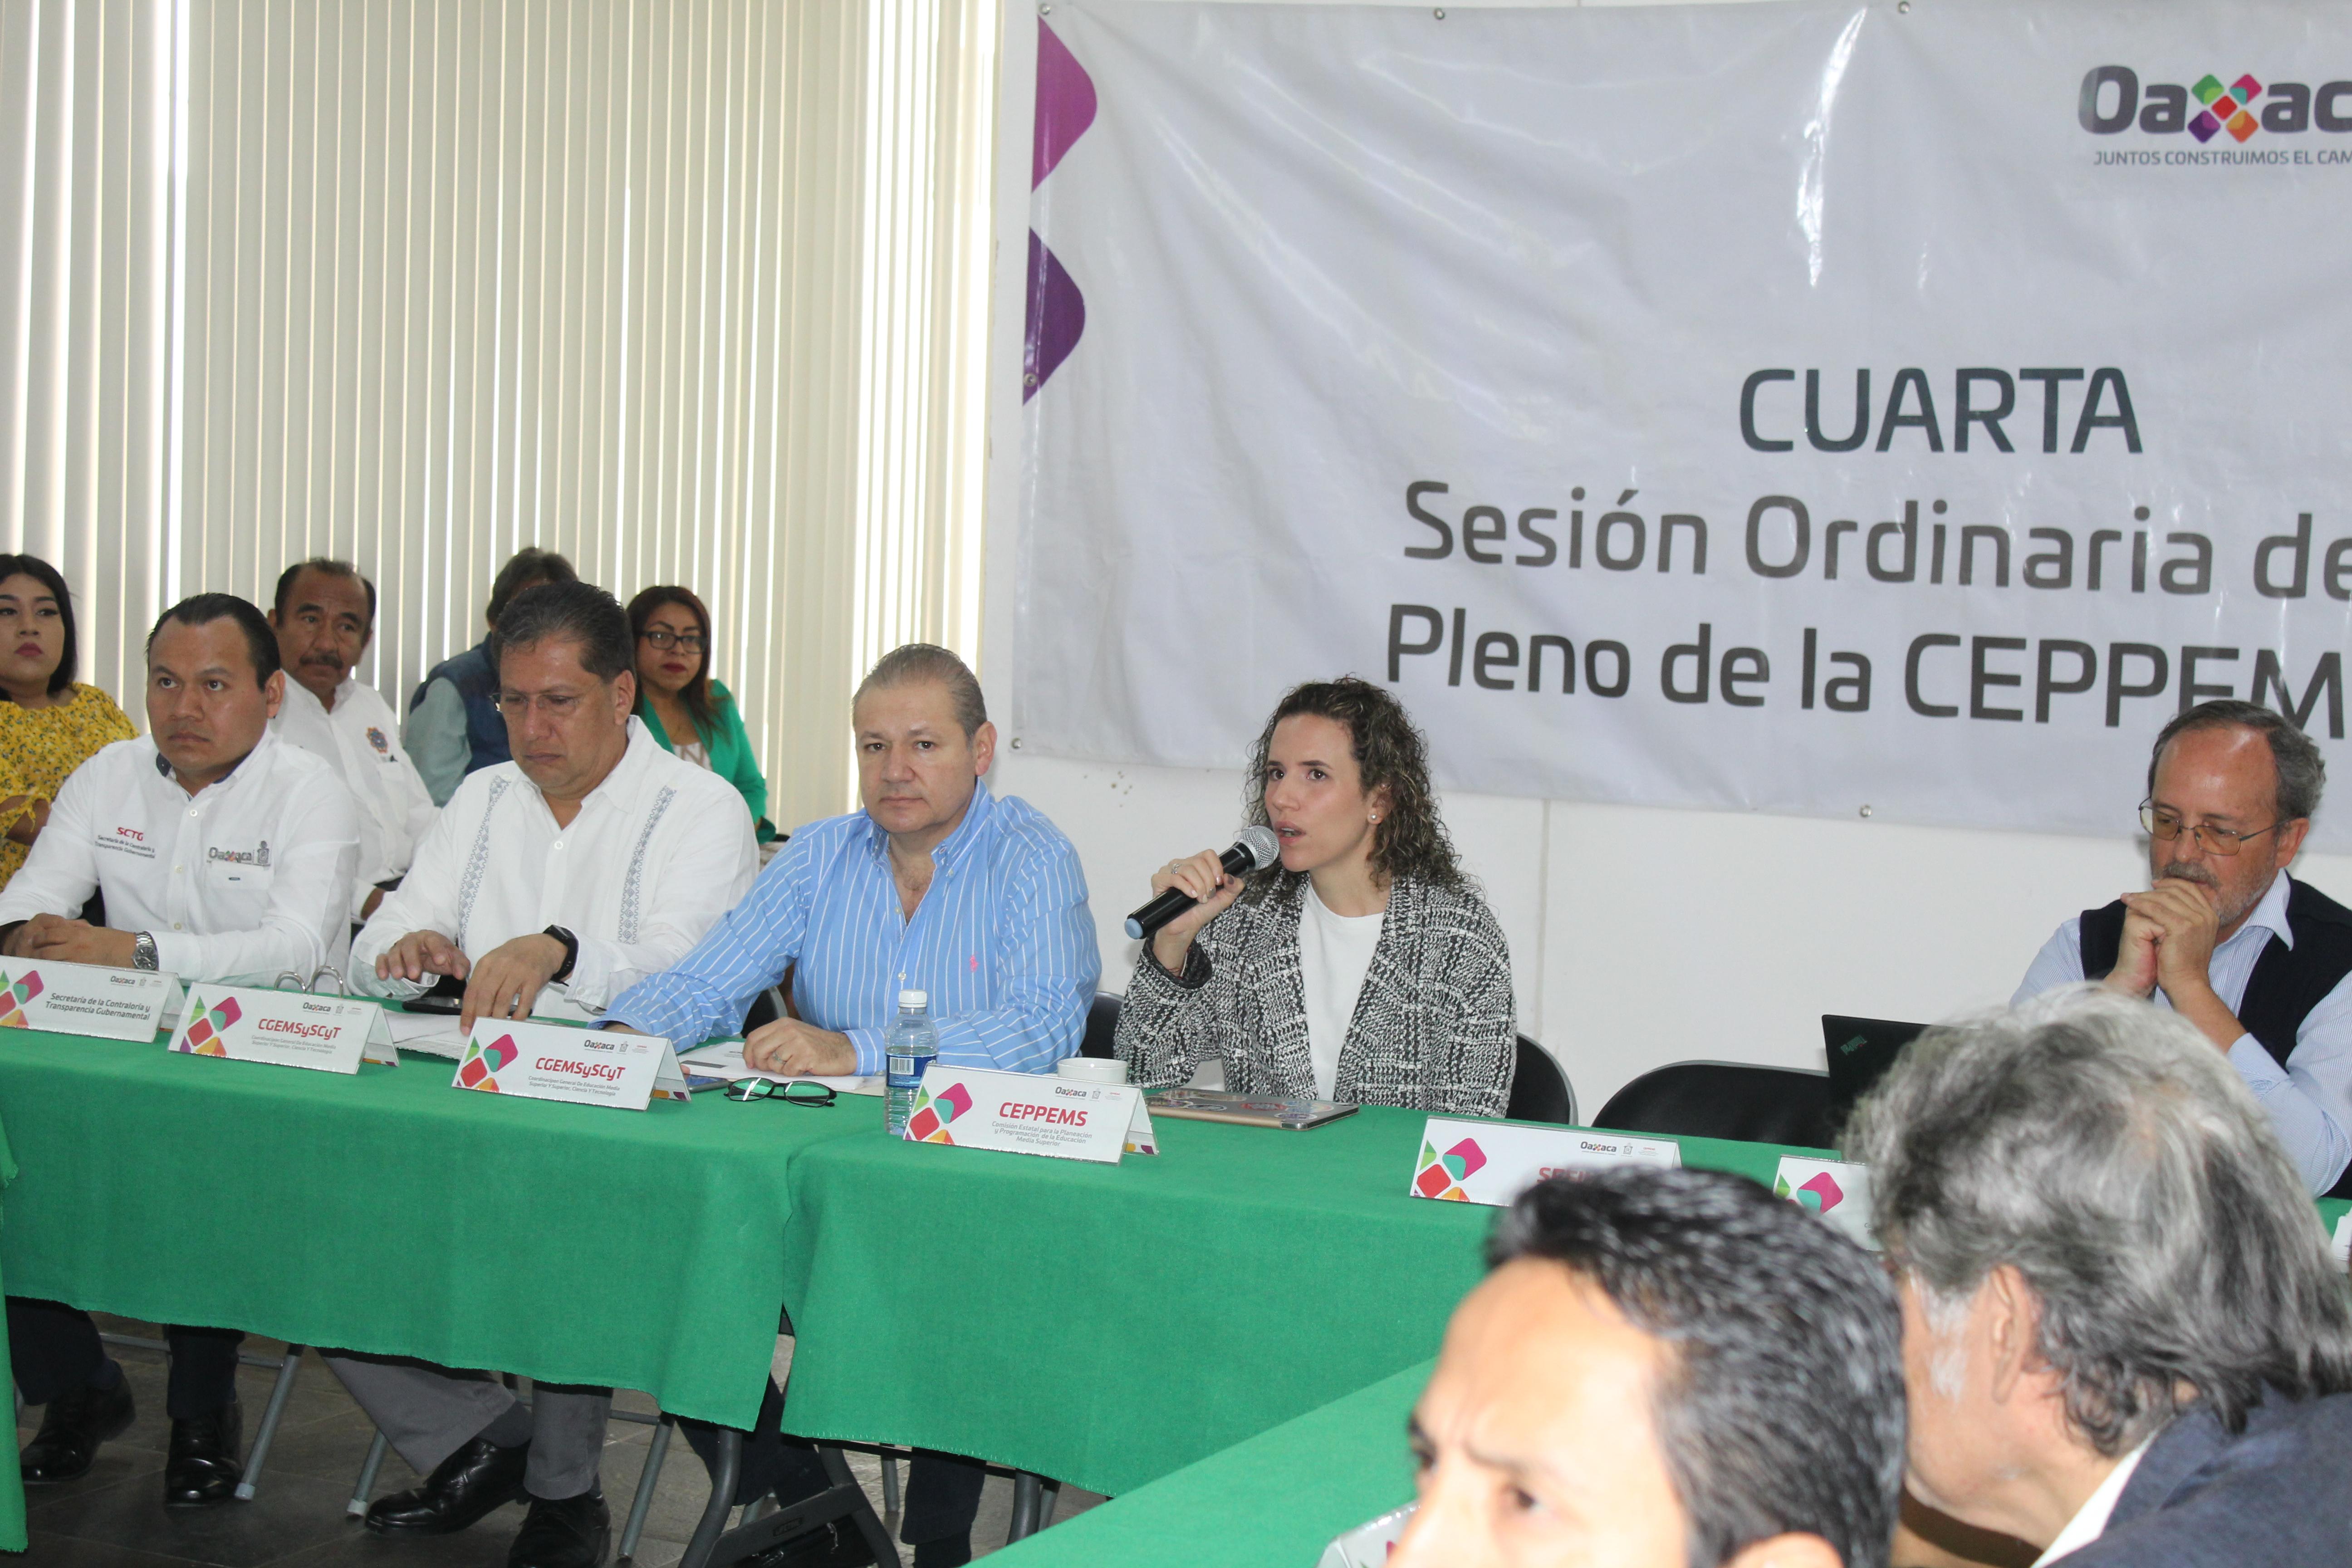 Cuarta Sesión Ordinaria del pleno de la CEPPEM